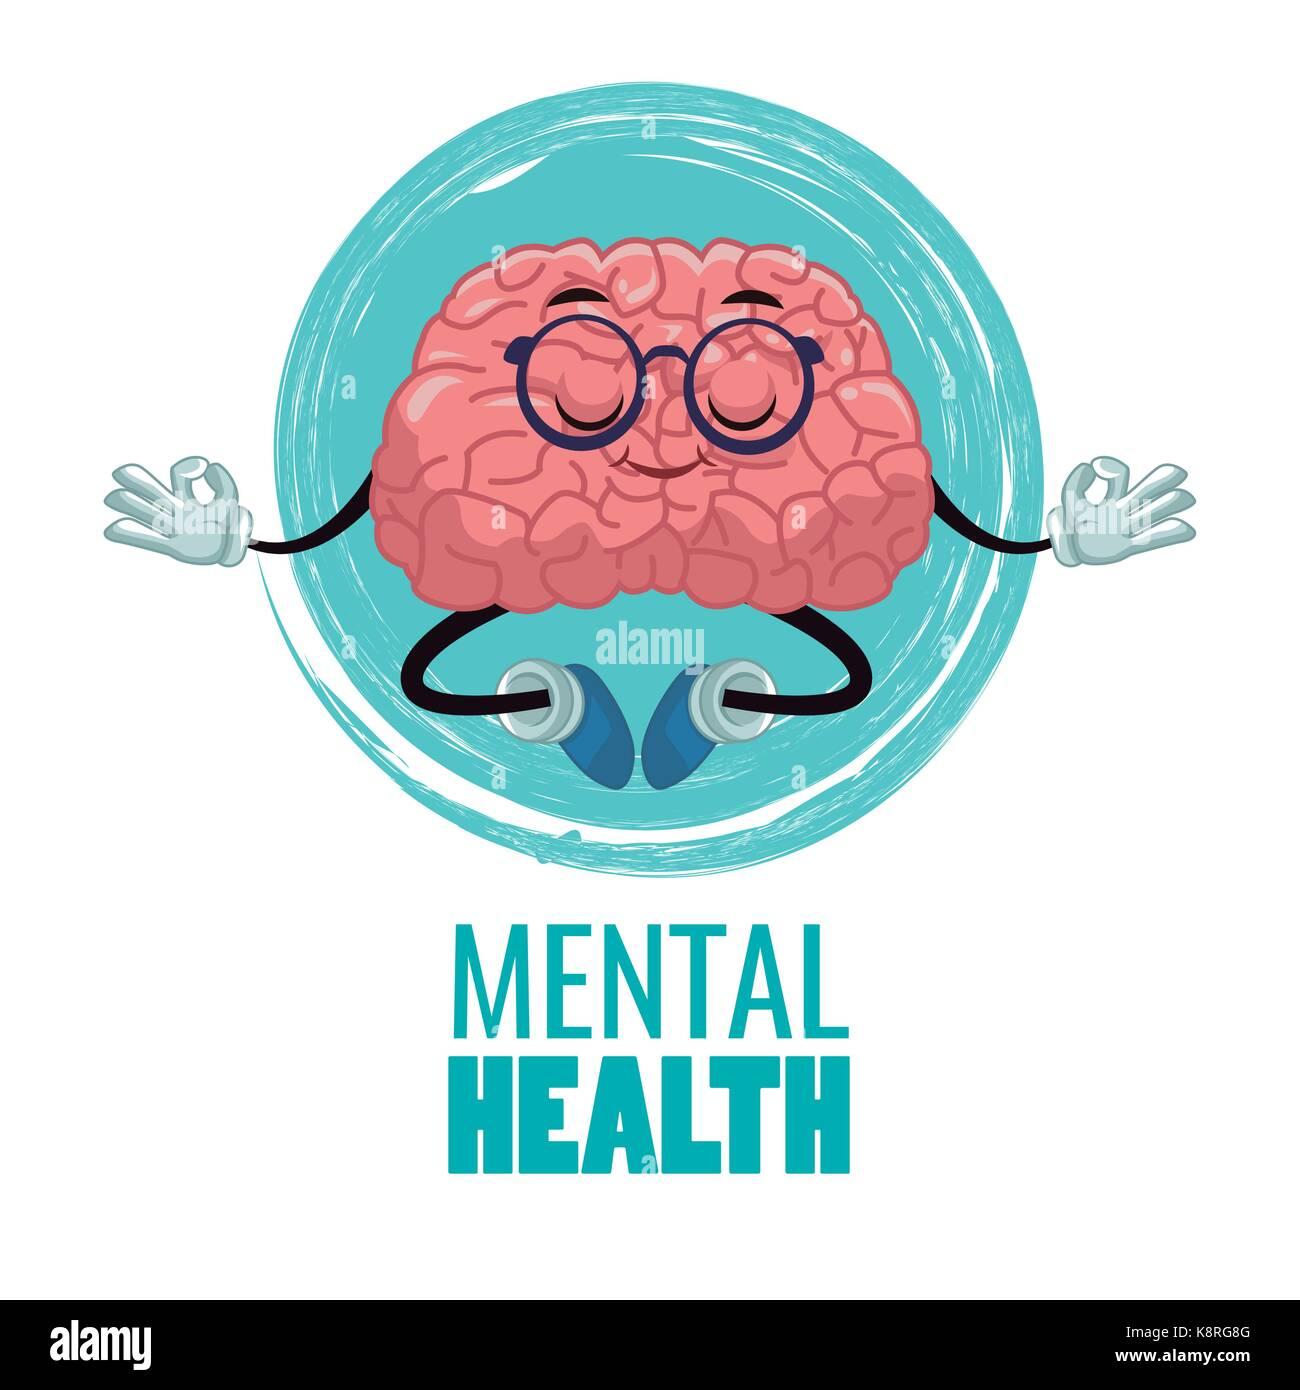 Silueta de cabeza con cerebro cartoon Imagen De Stock